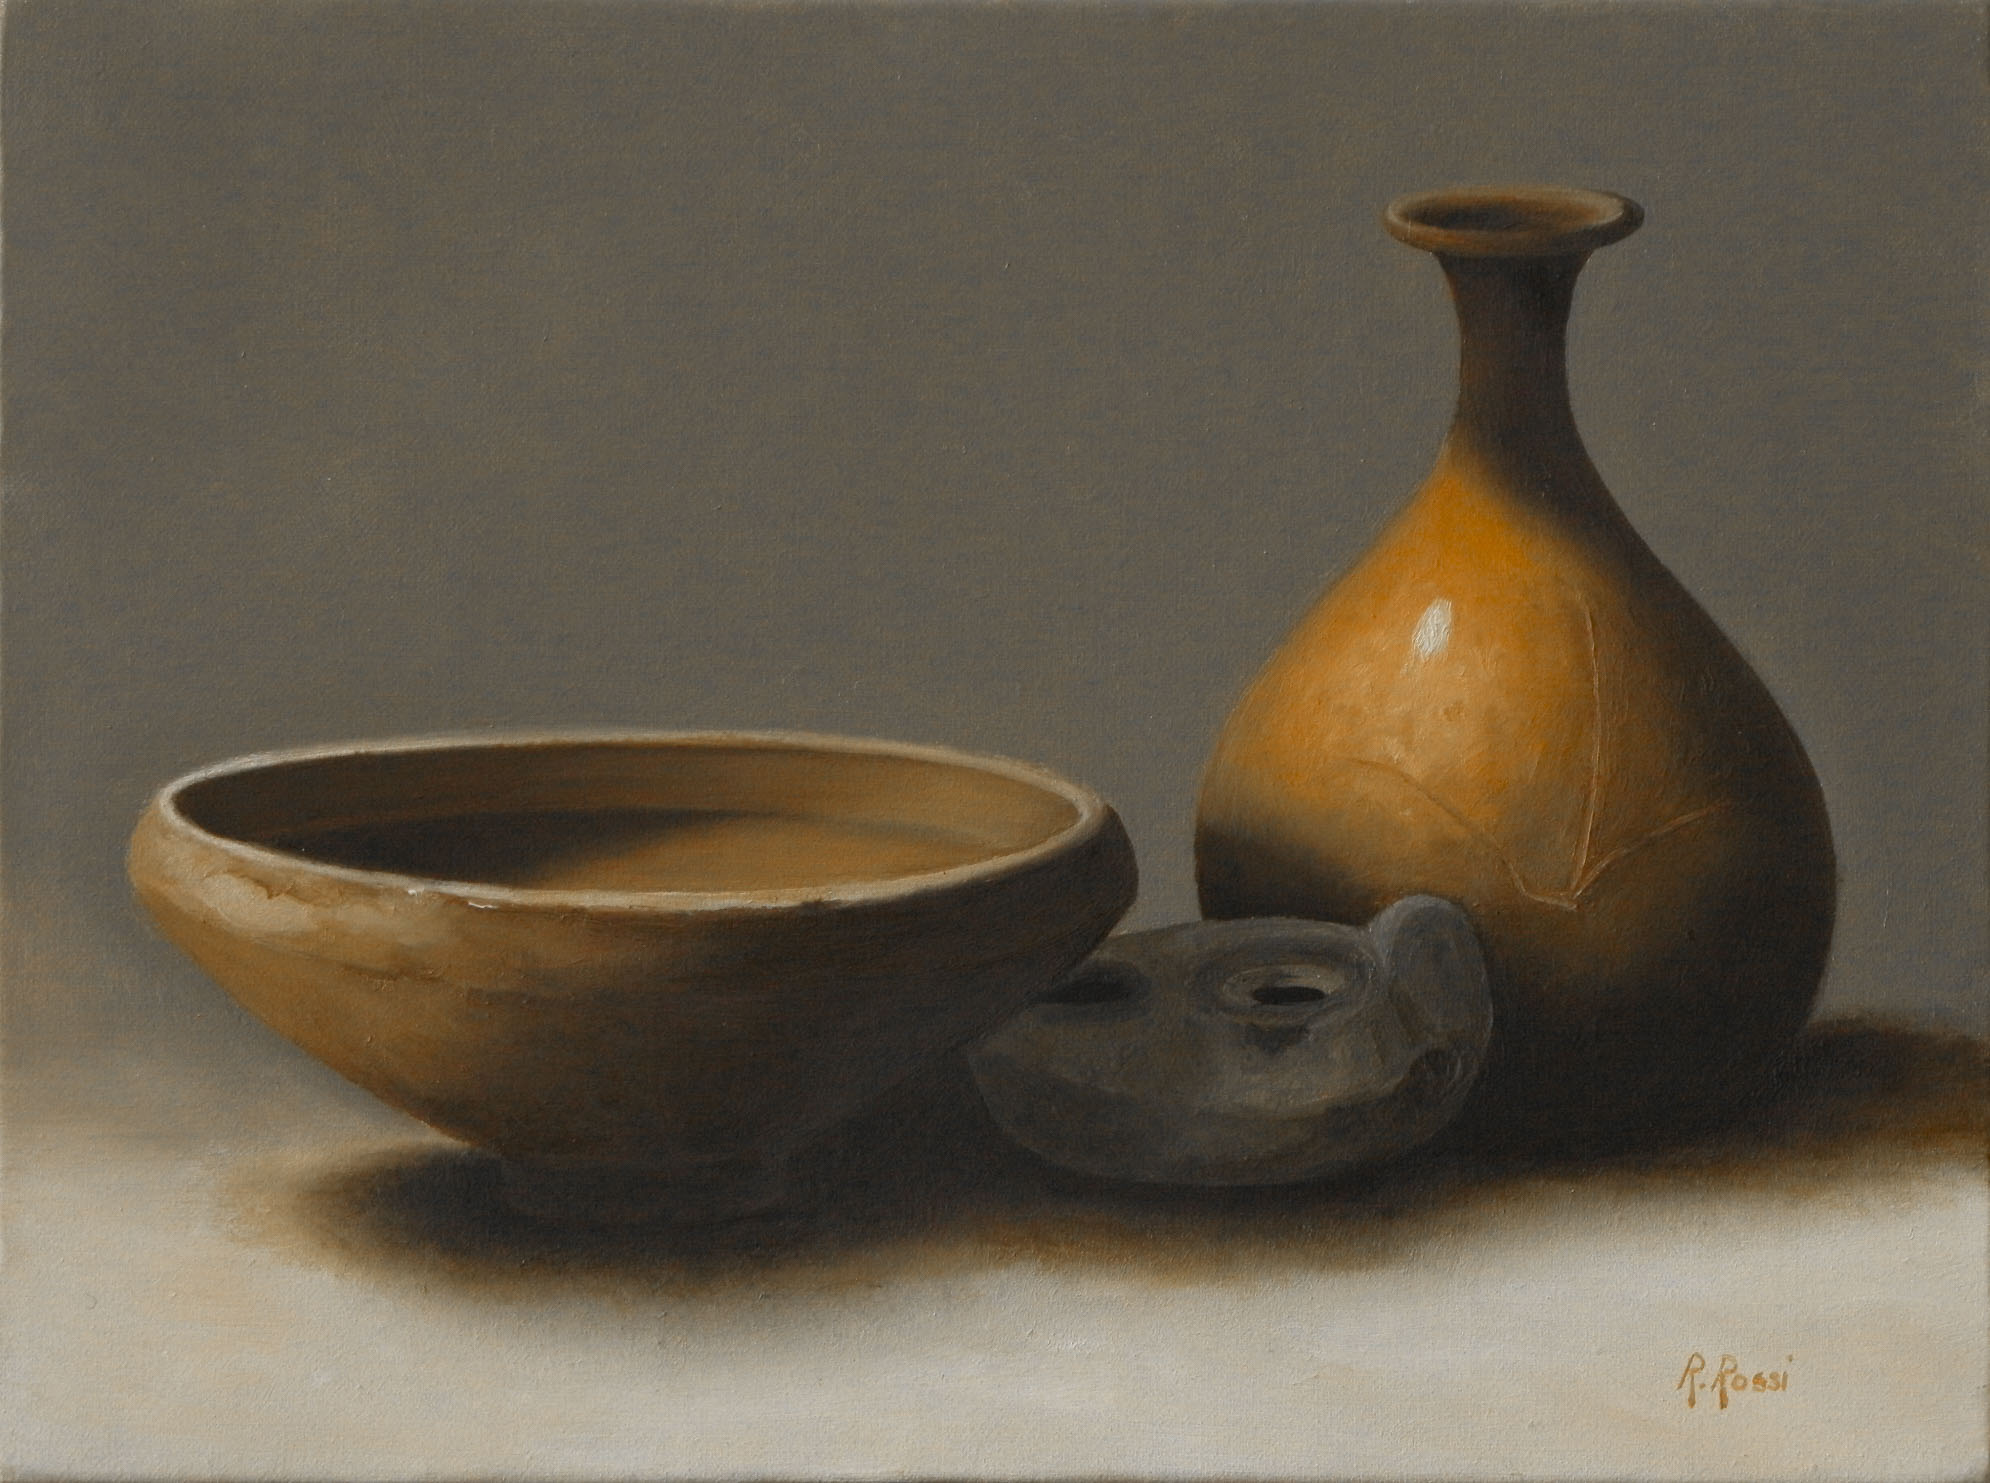 2010 roberta rossi - composizione con ceramiche etrusche - olio su tela - 18 x 24